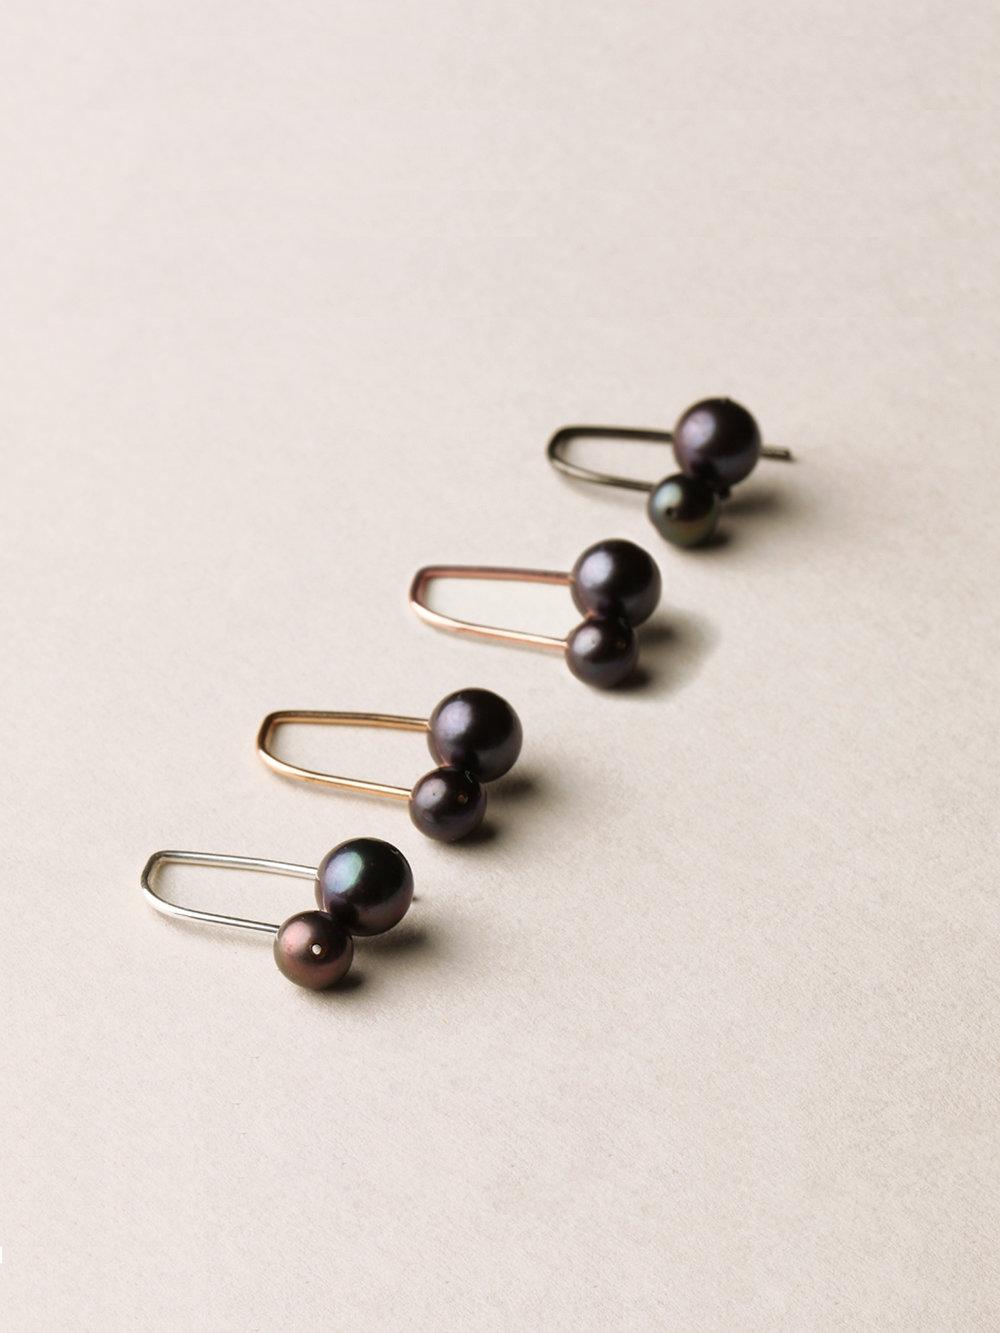 Perlen Ohrhänger, kurz mit 2 echten Süßwasserzuchtperlen in Silber/ rosegoldplatiertem Silber/ gelbgoldplatiertem Silber und schwarzrutheniertem Silber